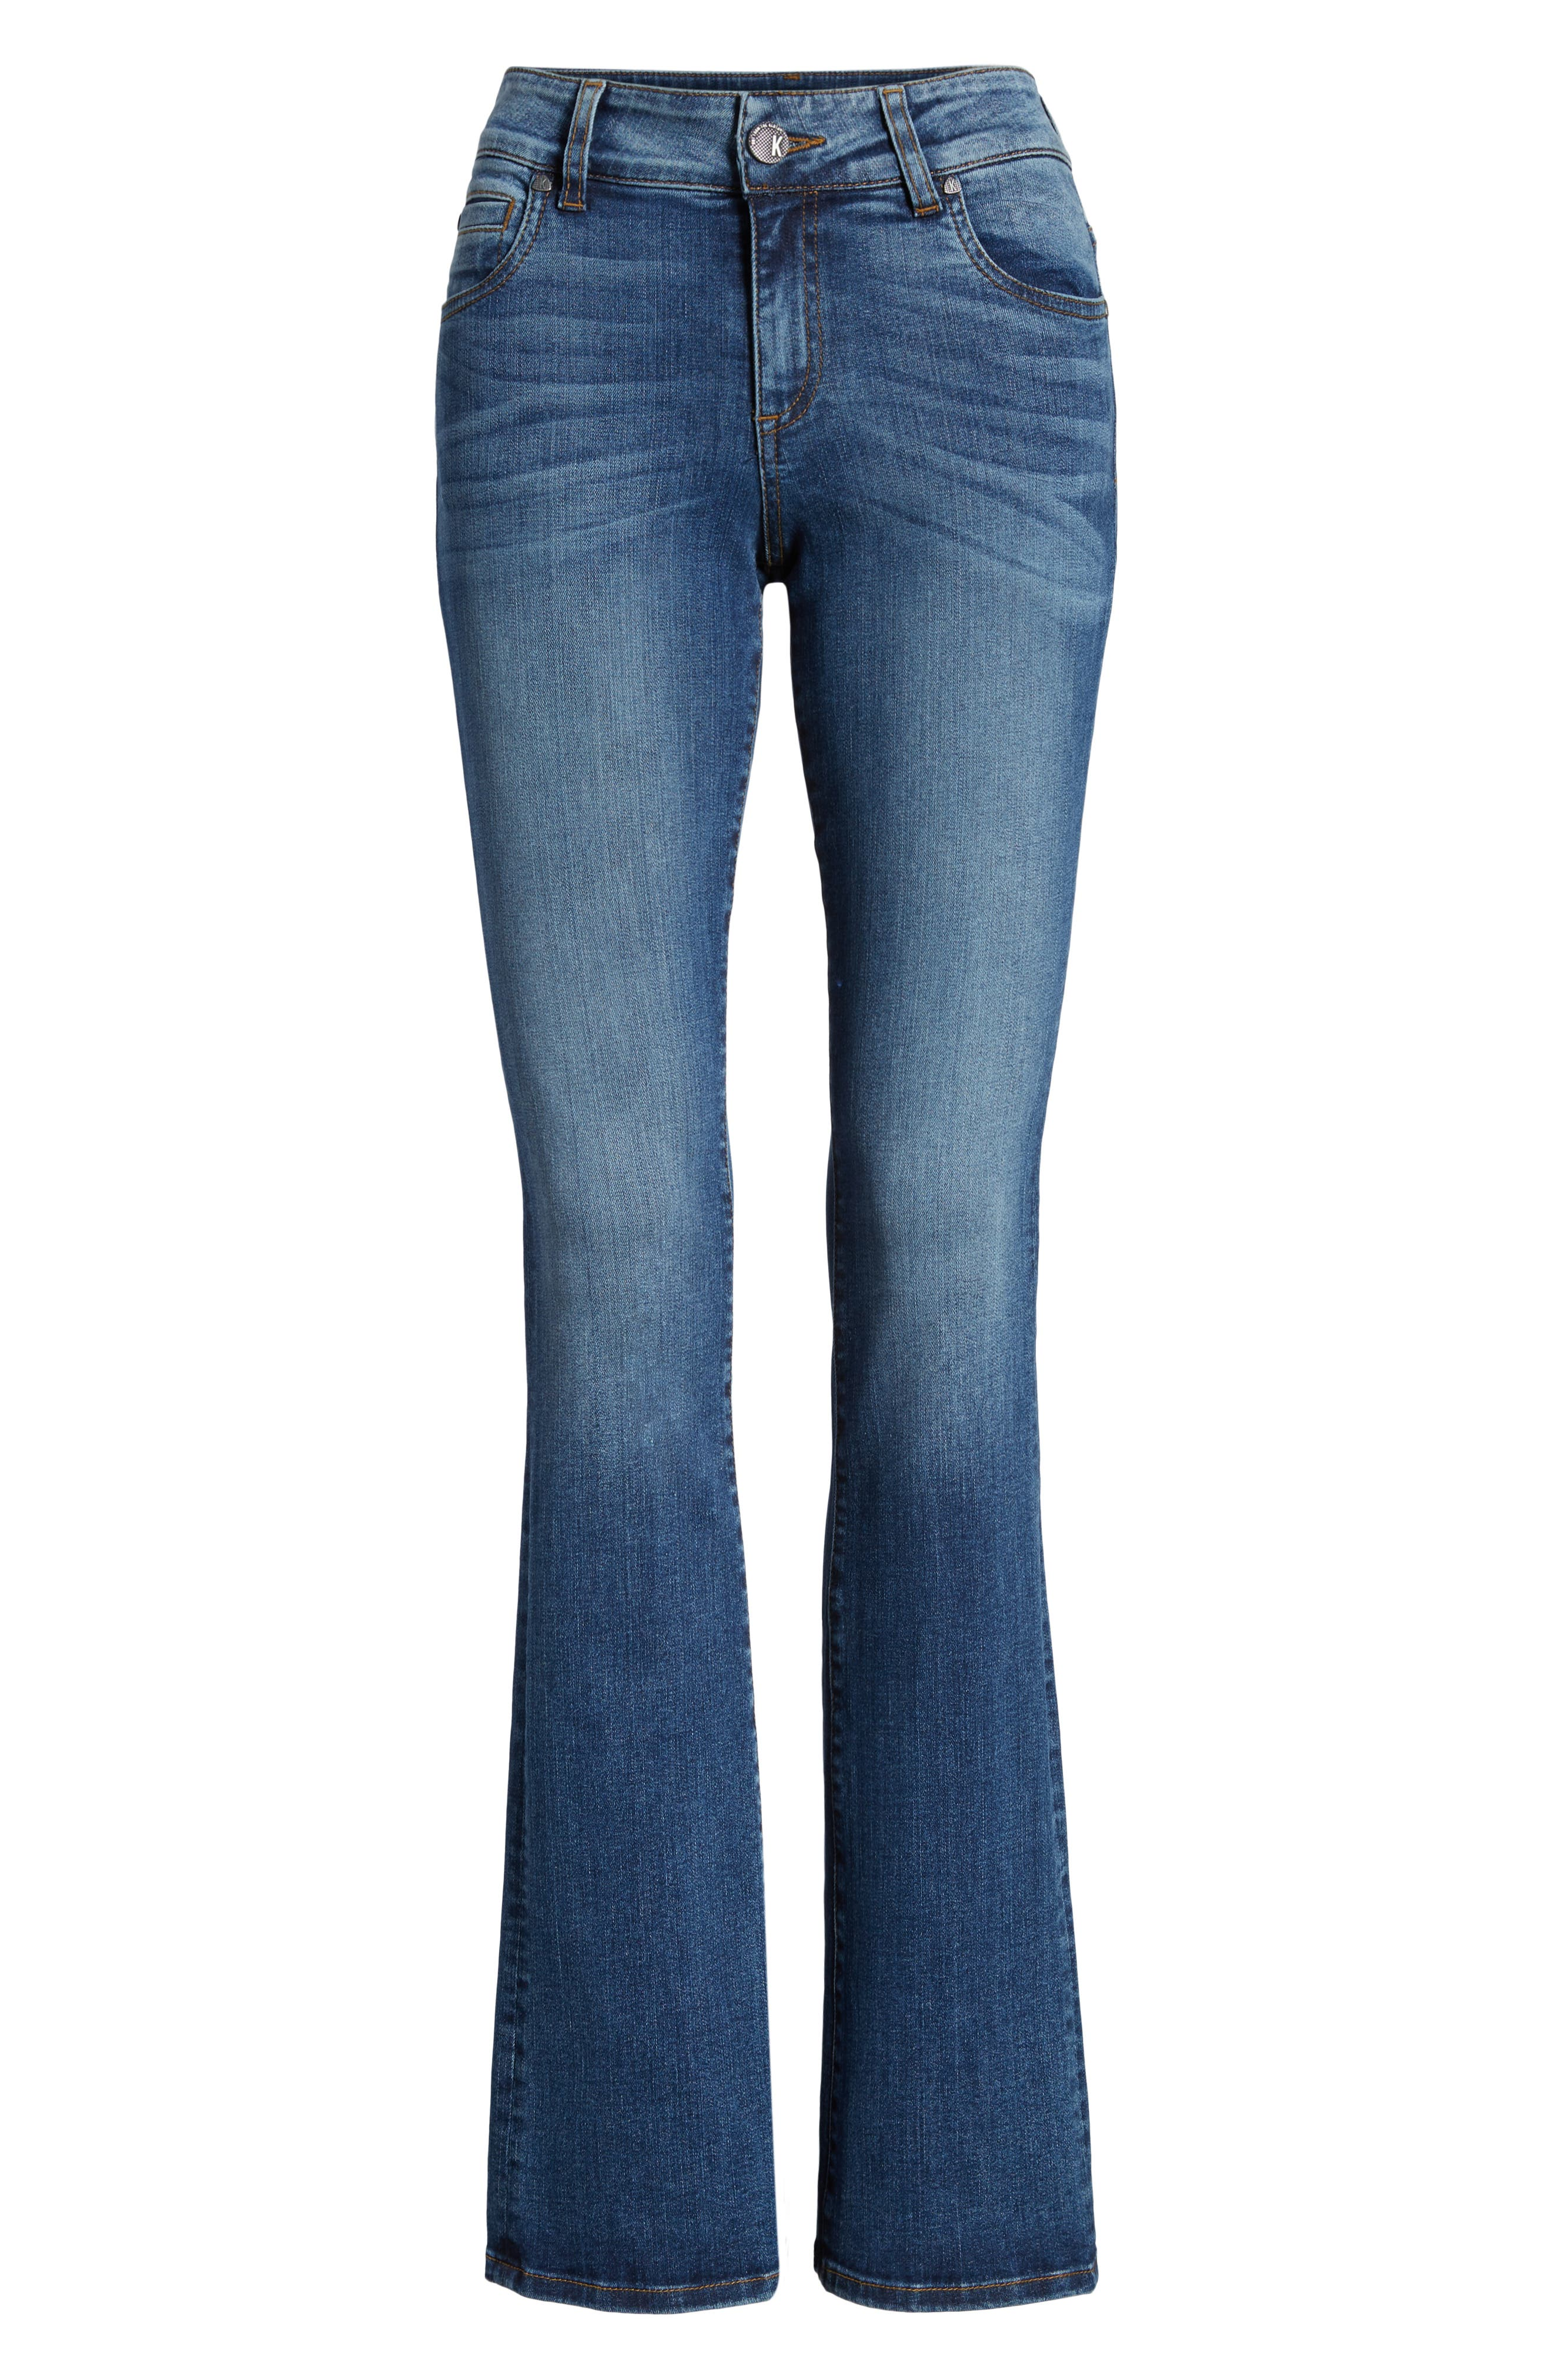 Natalie Bootcut Jeans,                             Alternate thumbnail 7, color,                             460